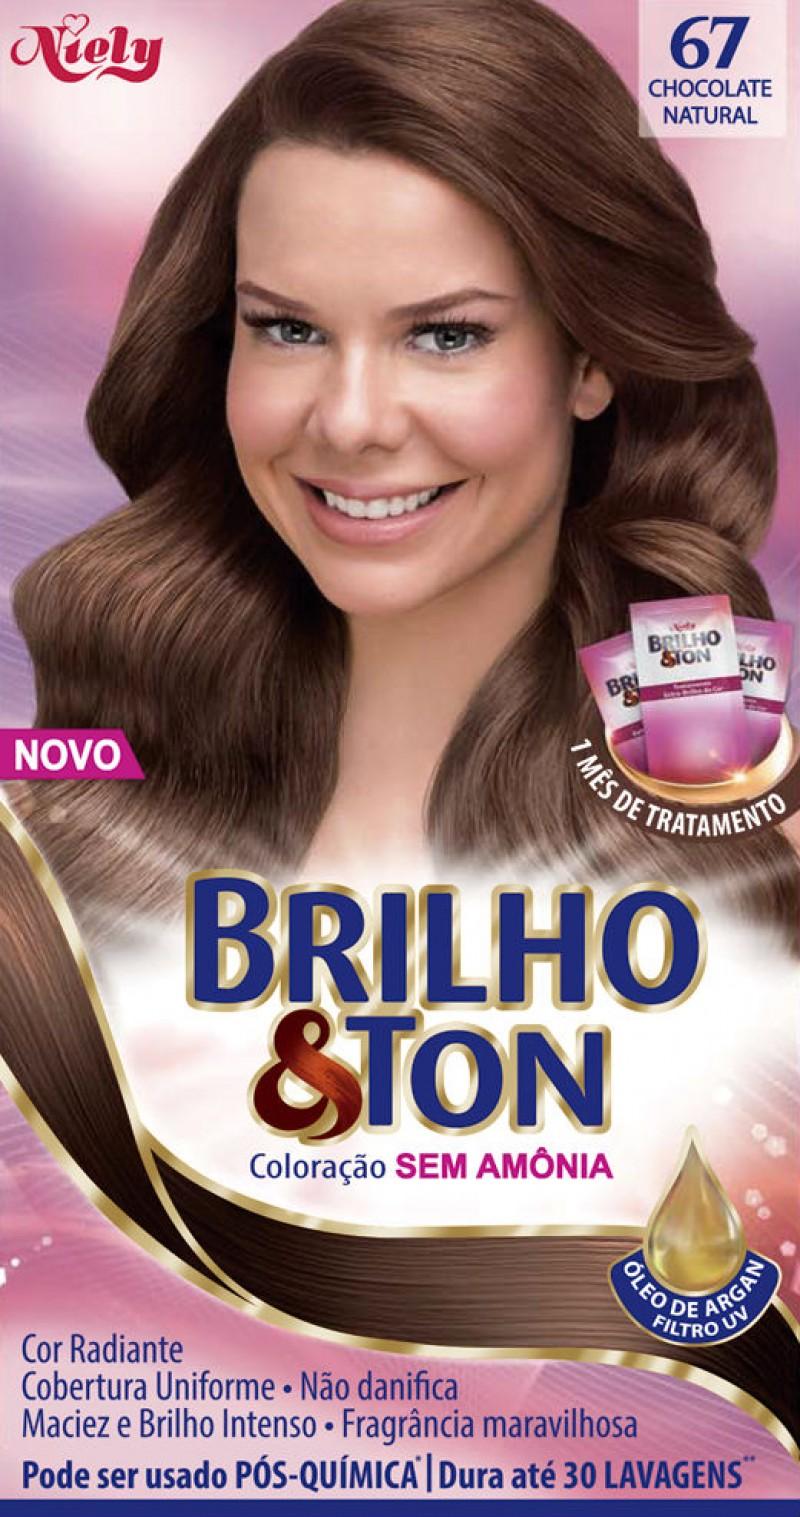 Niely estreia no mercado de colora��o sem am�nia com Brilho&Ton